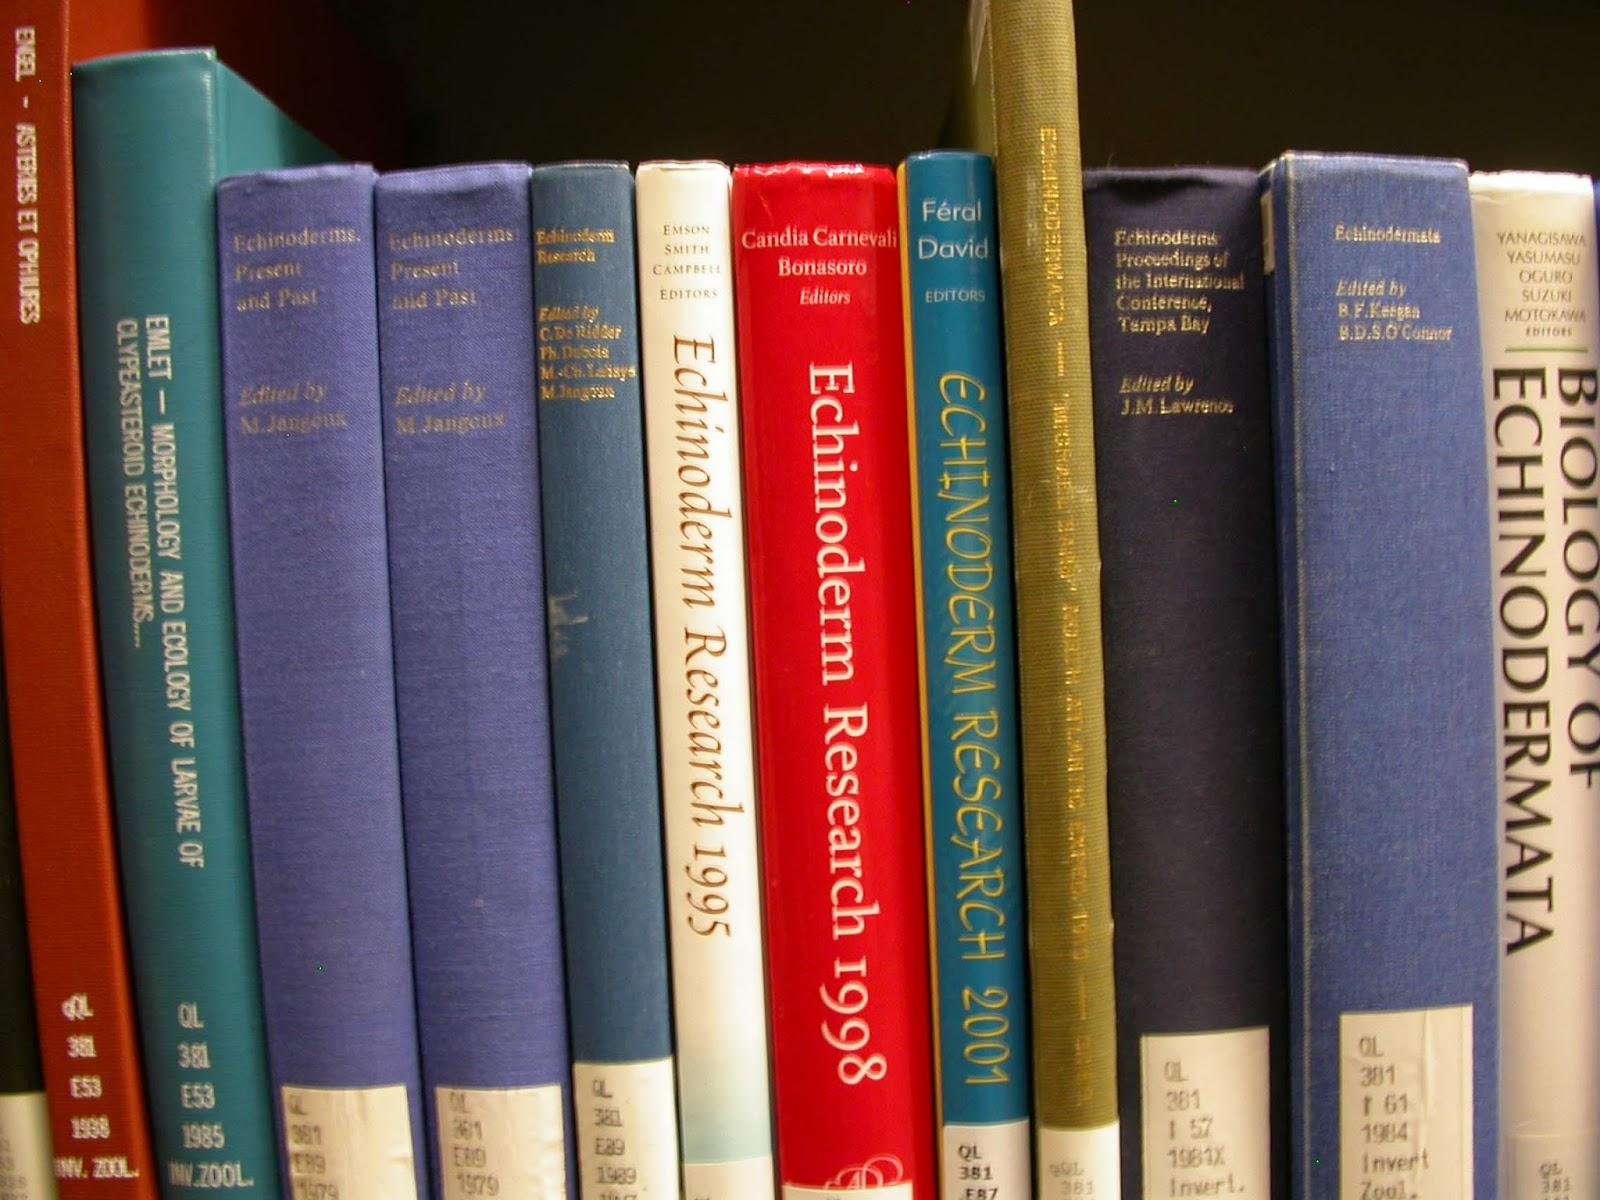 The Echinoblog: Classic Echinoderm & Starfish Taxonomy Monographs.